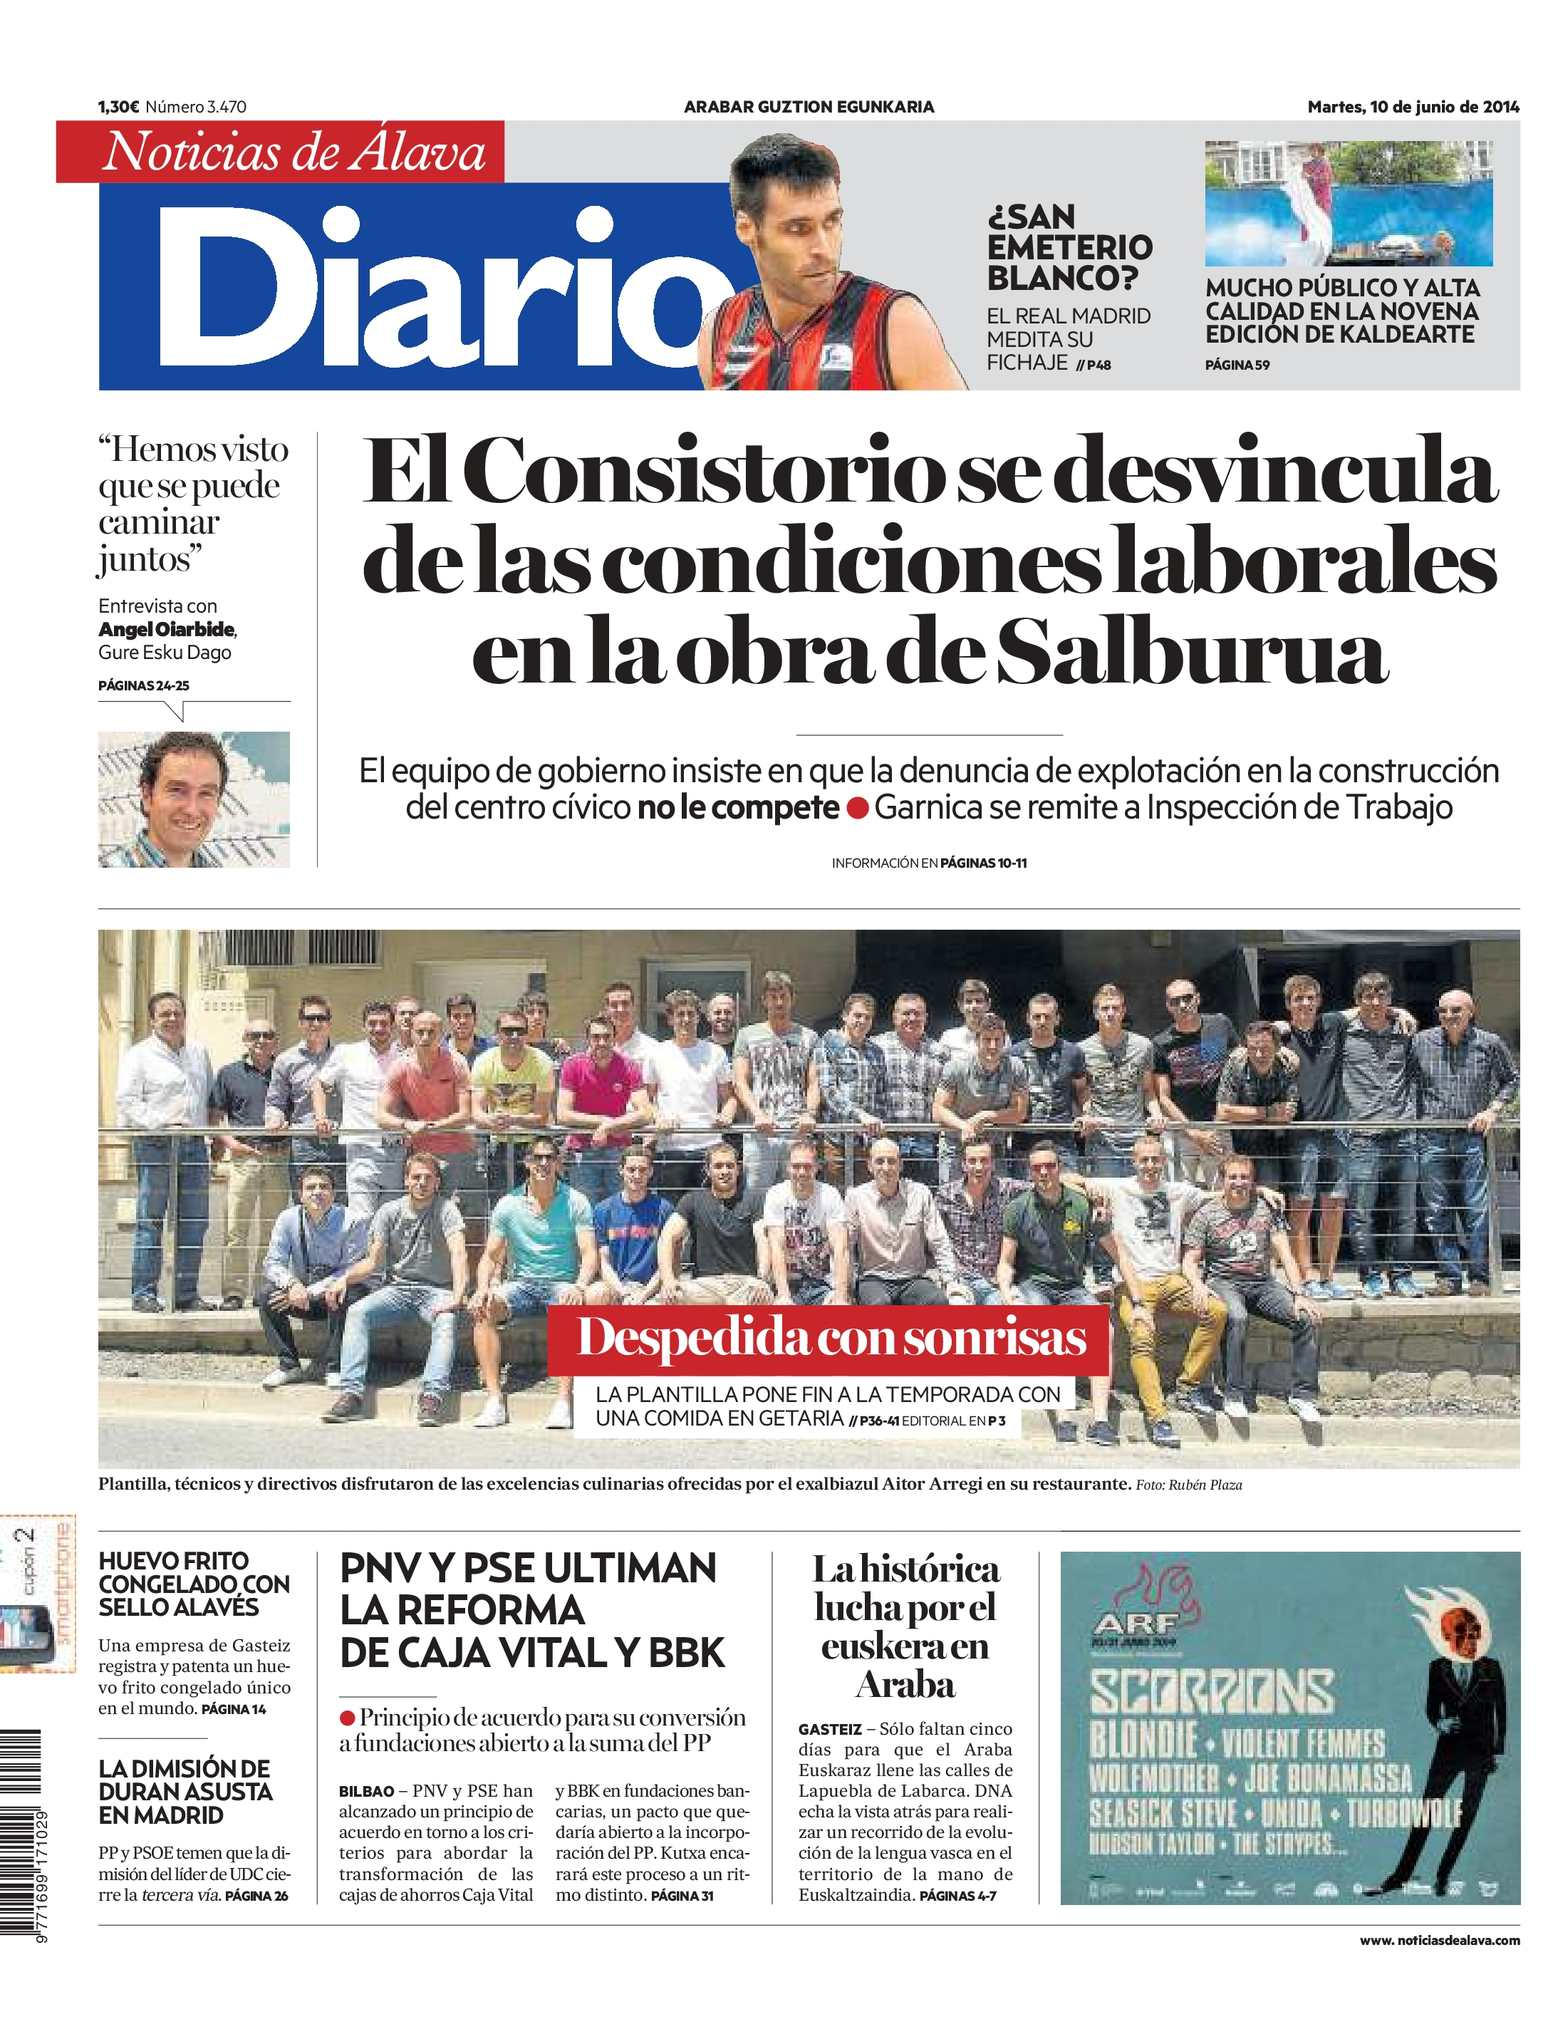 Calaméo - Diario de Noticias de Álava 20140610 0fd9e39bbf4a